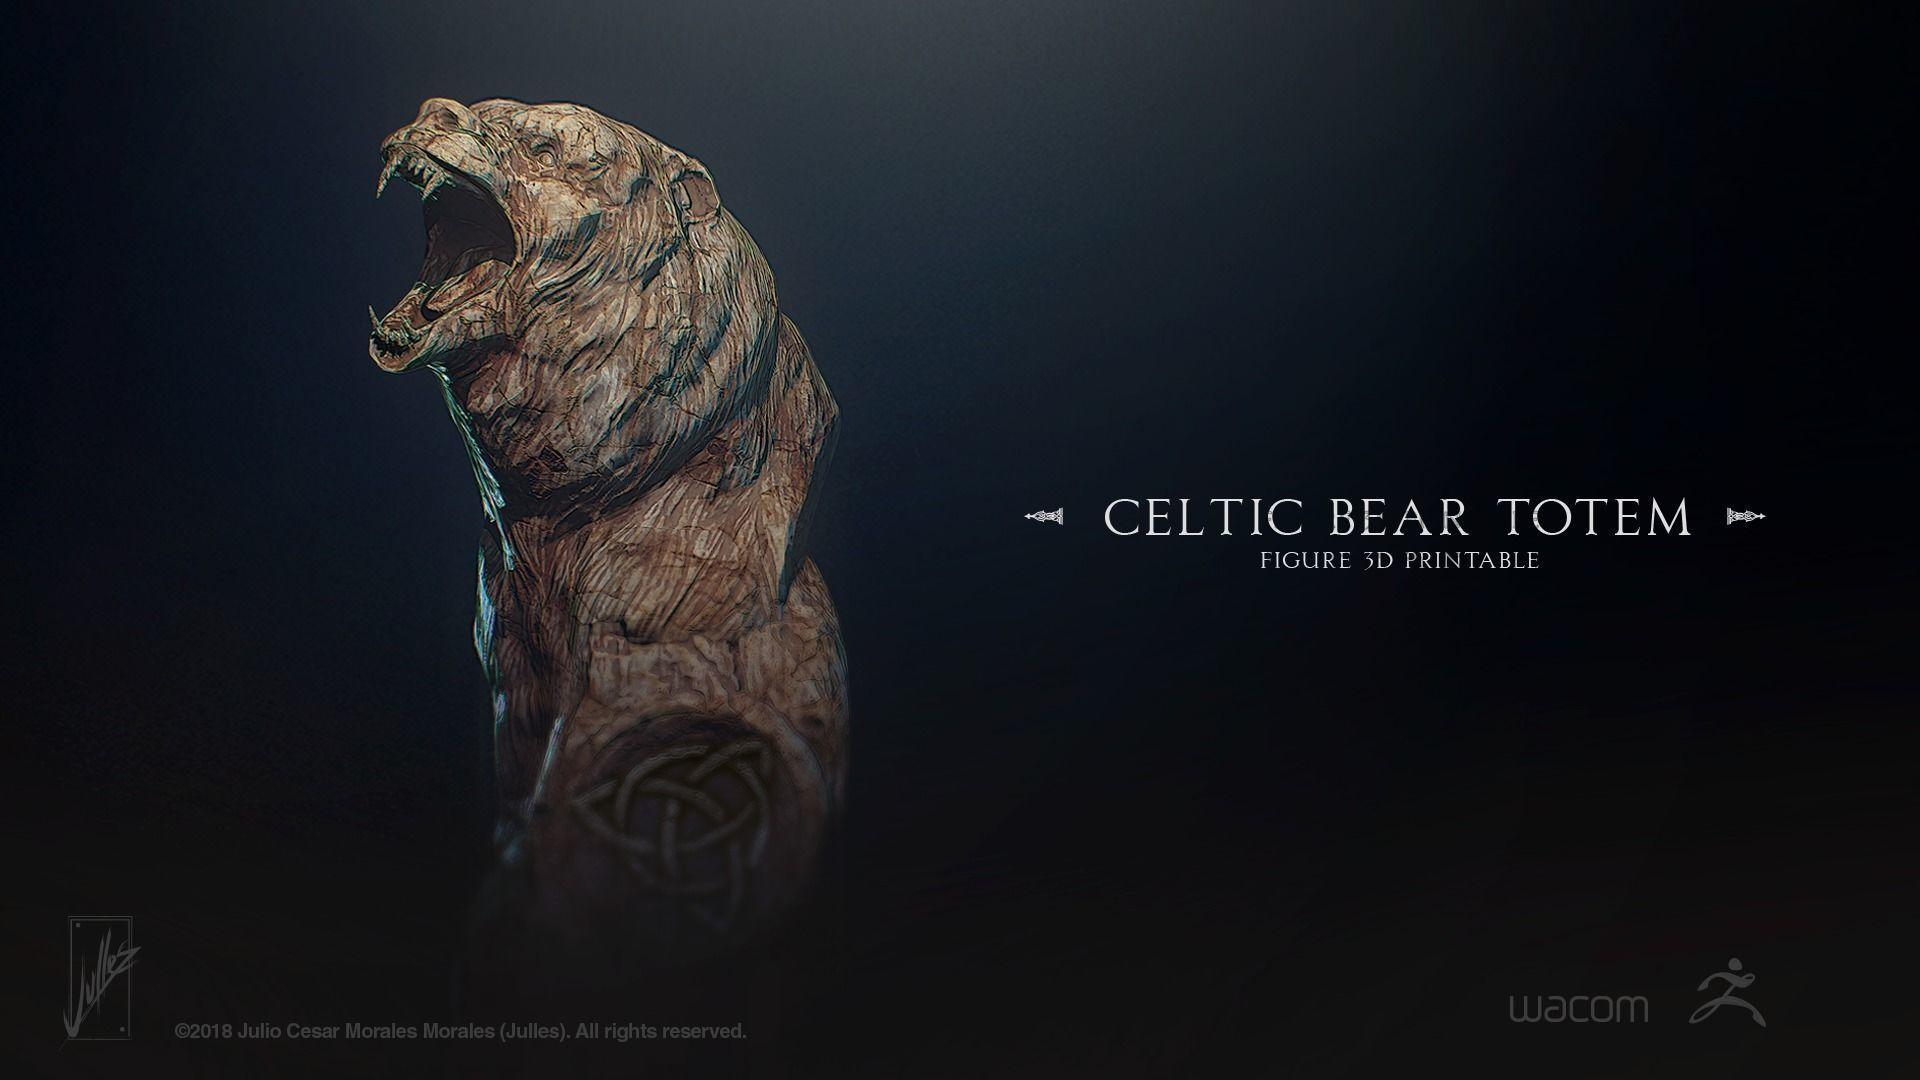 Celtic Bear Totem